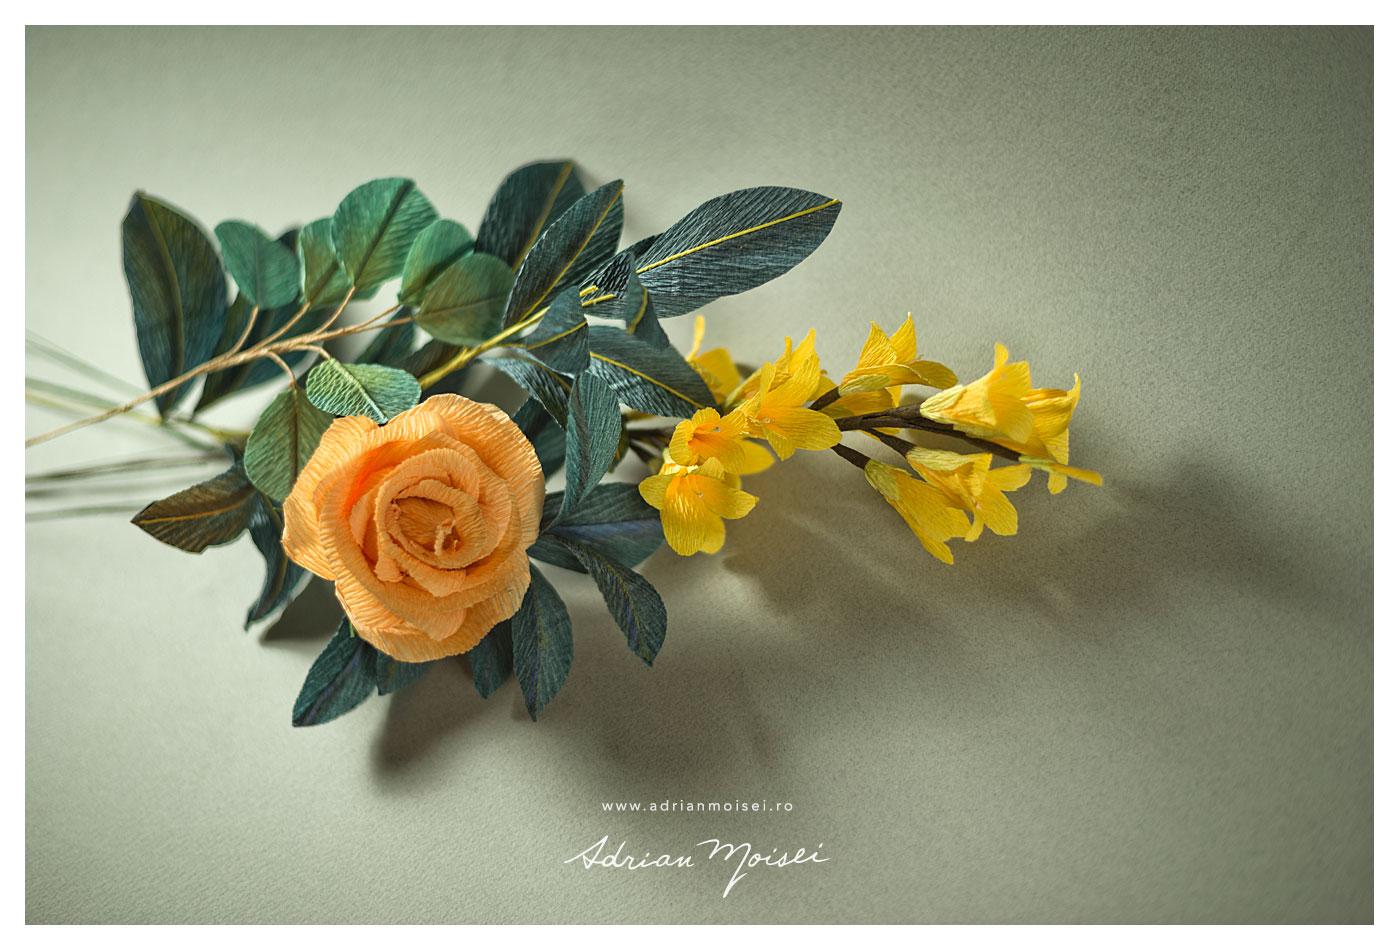 Flori de hartie - Petale de acuarela - fotografie Iasi Adrian Moisei